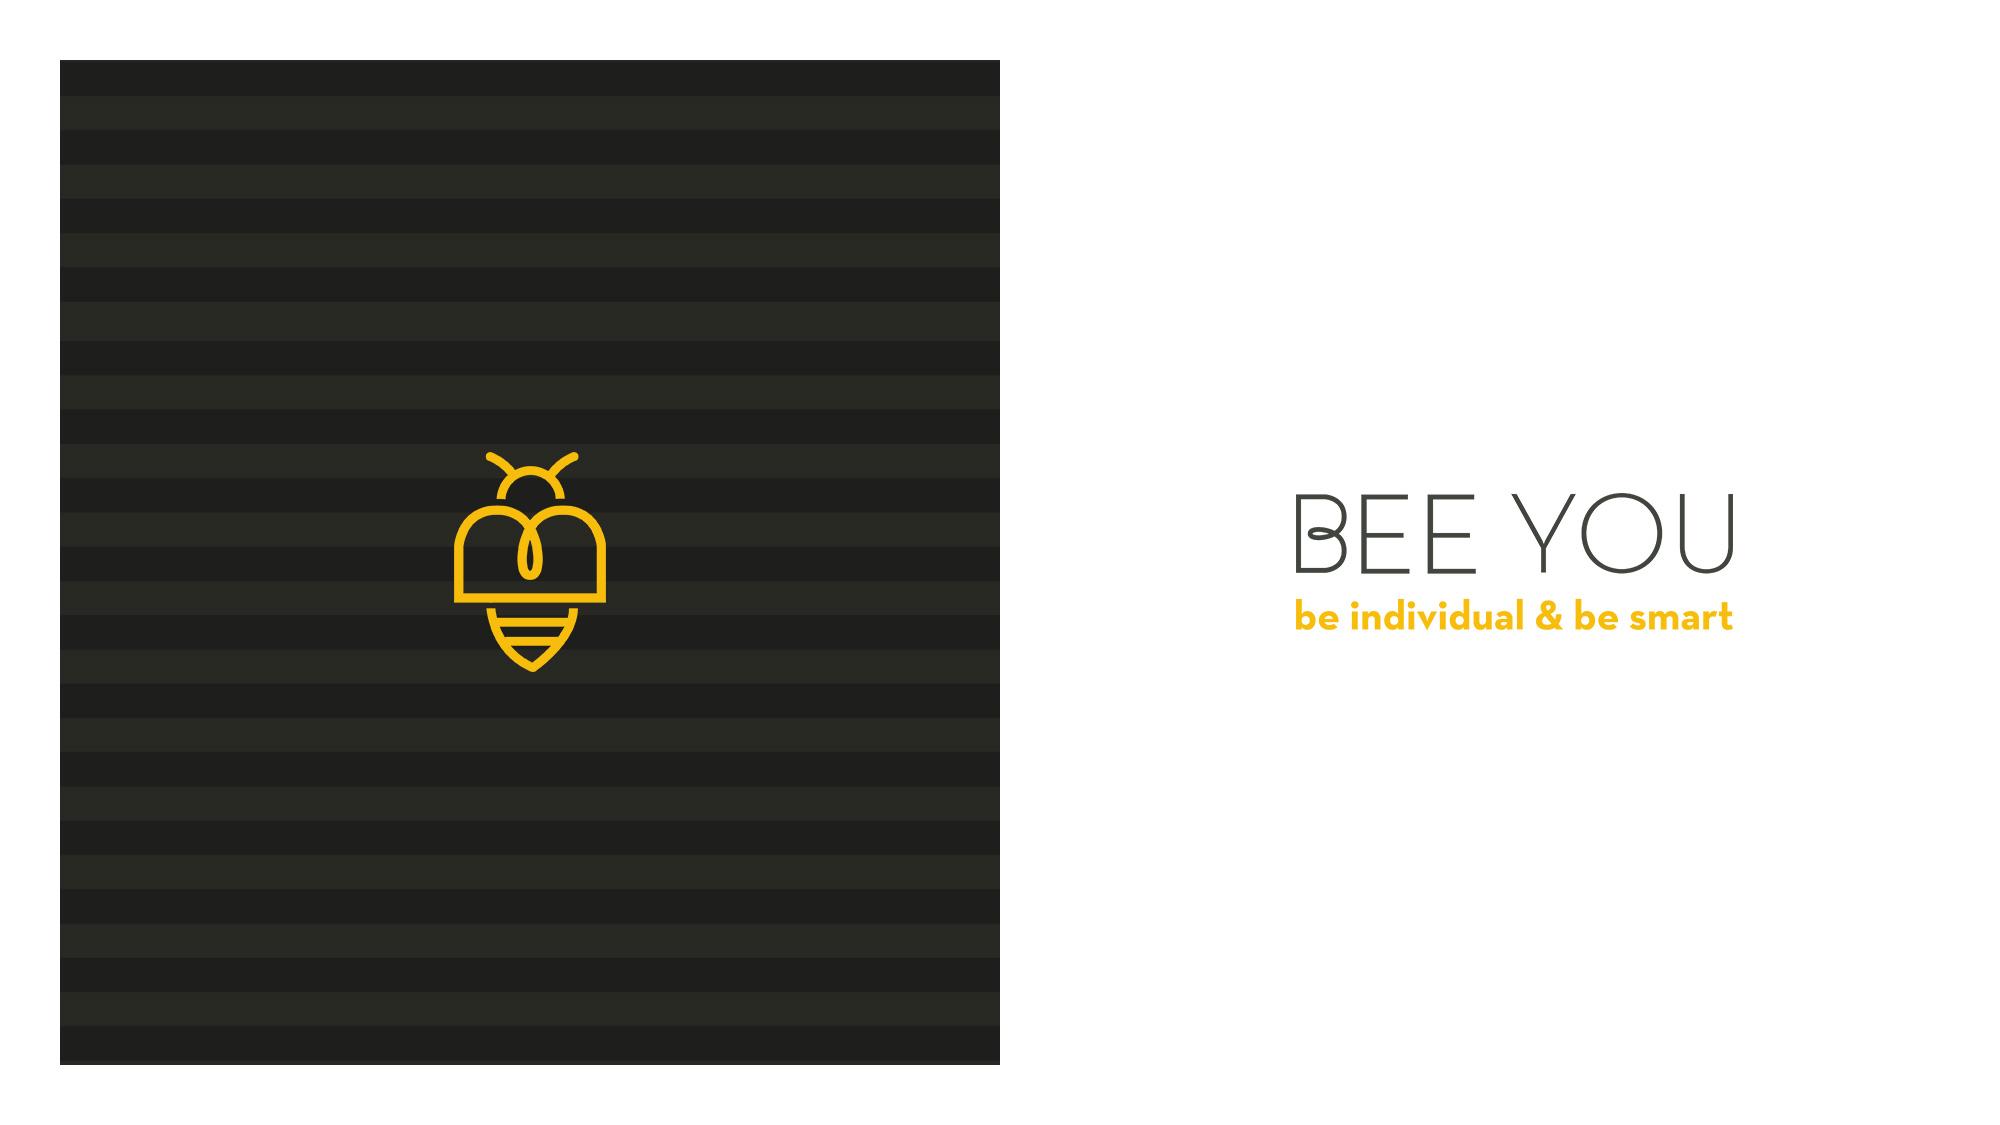 trc_bee-you_logo